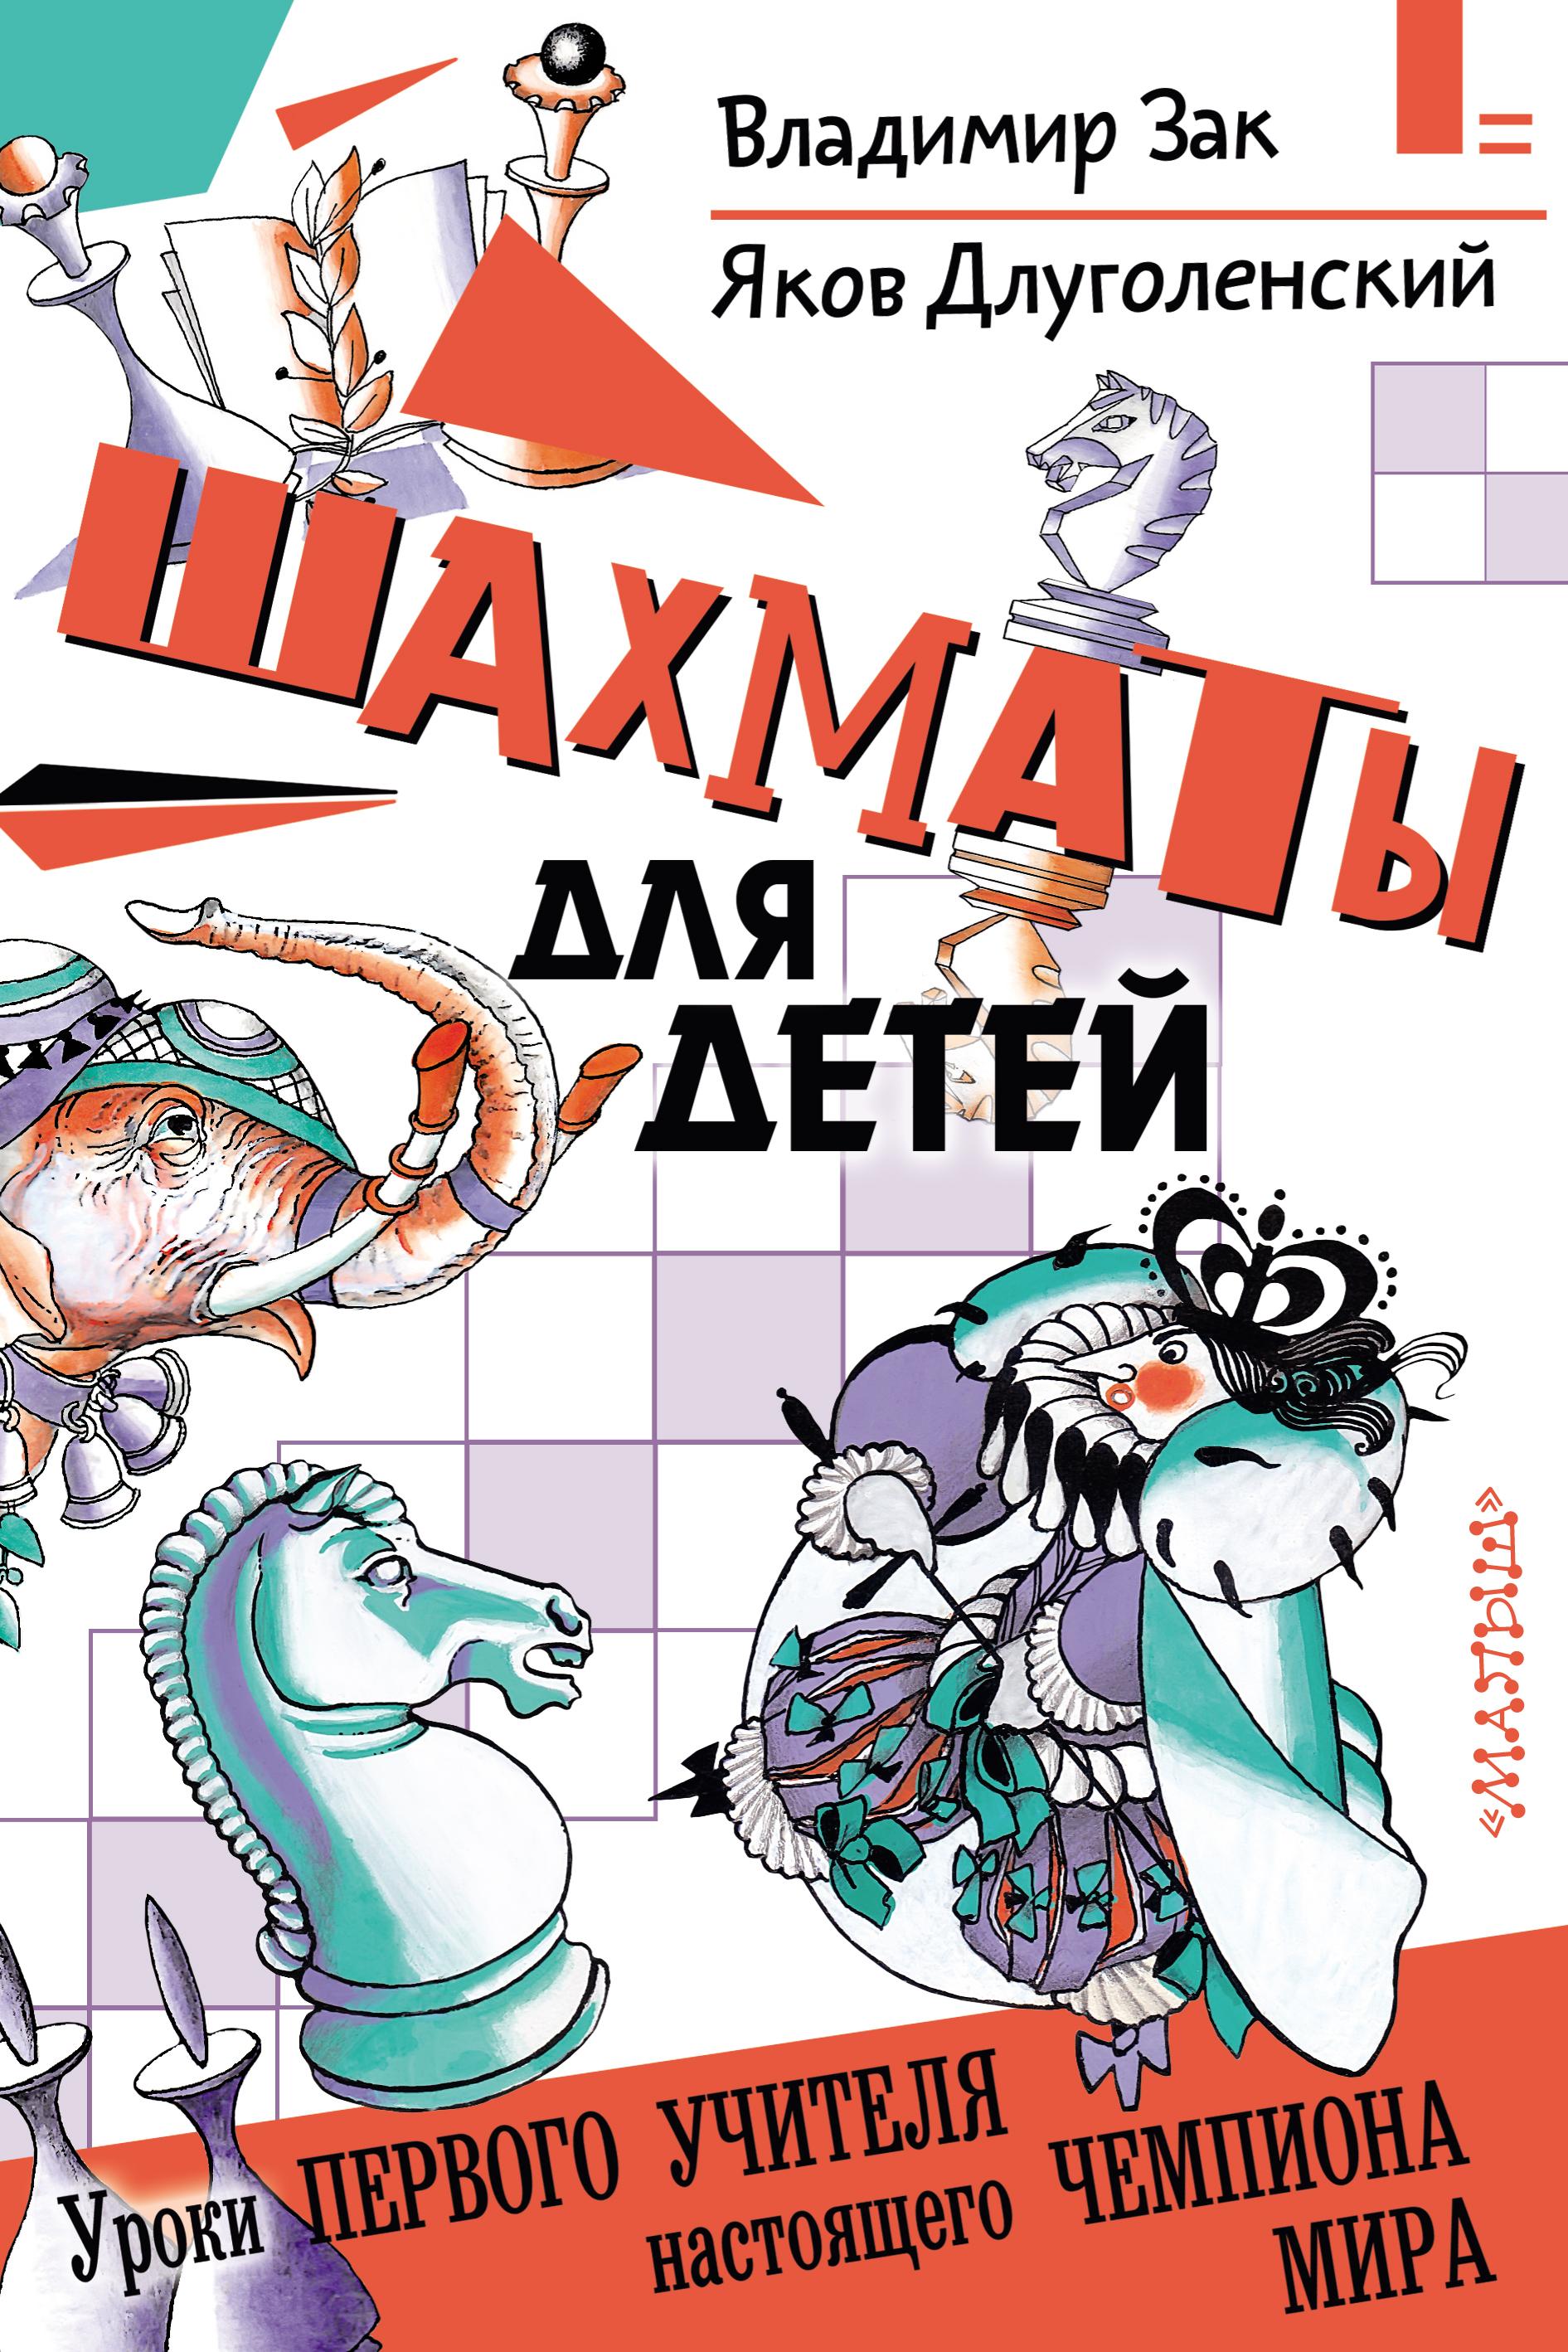 Яков Длуголенский, Шахматы для детей – скачать pdf на ЛитРес